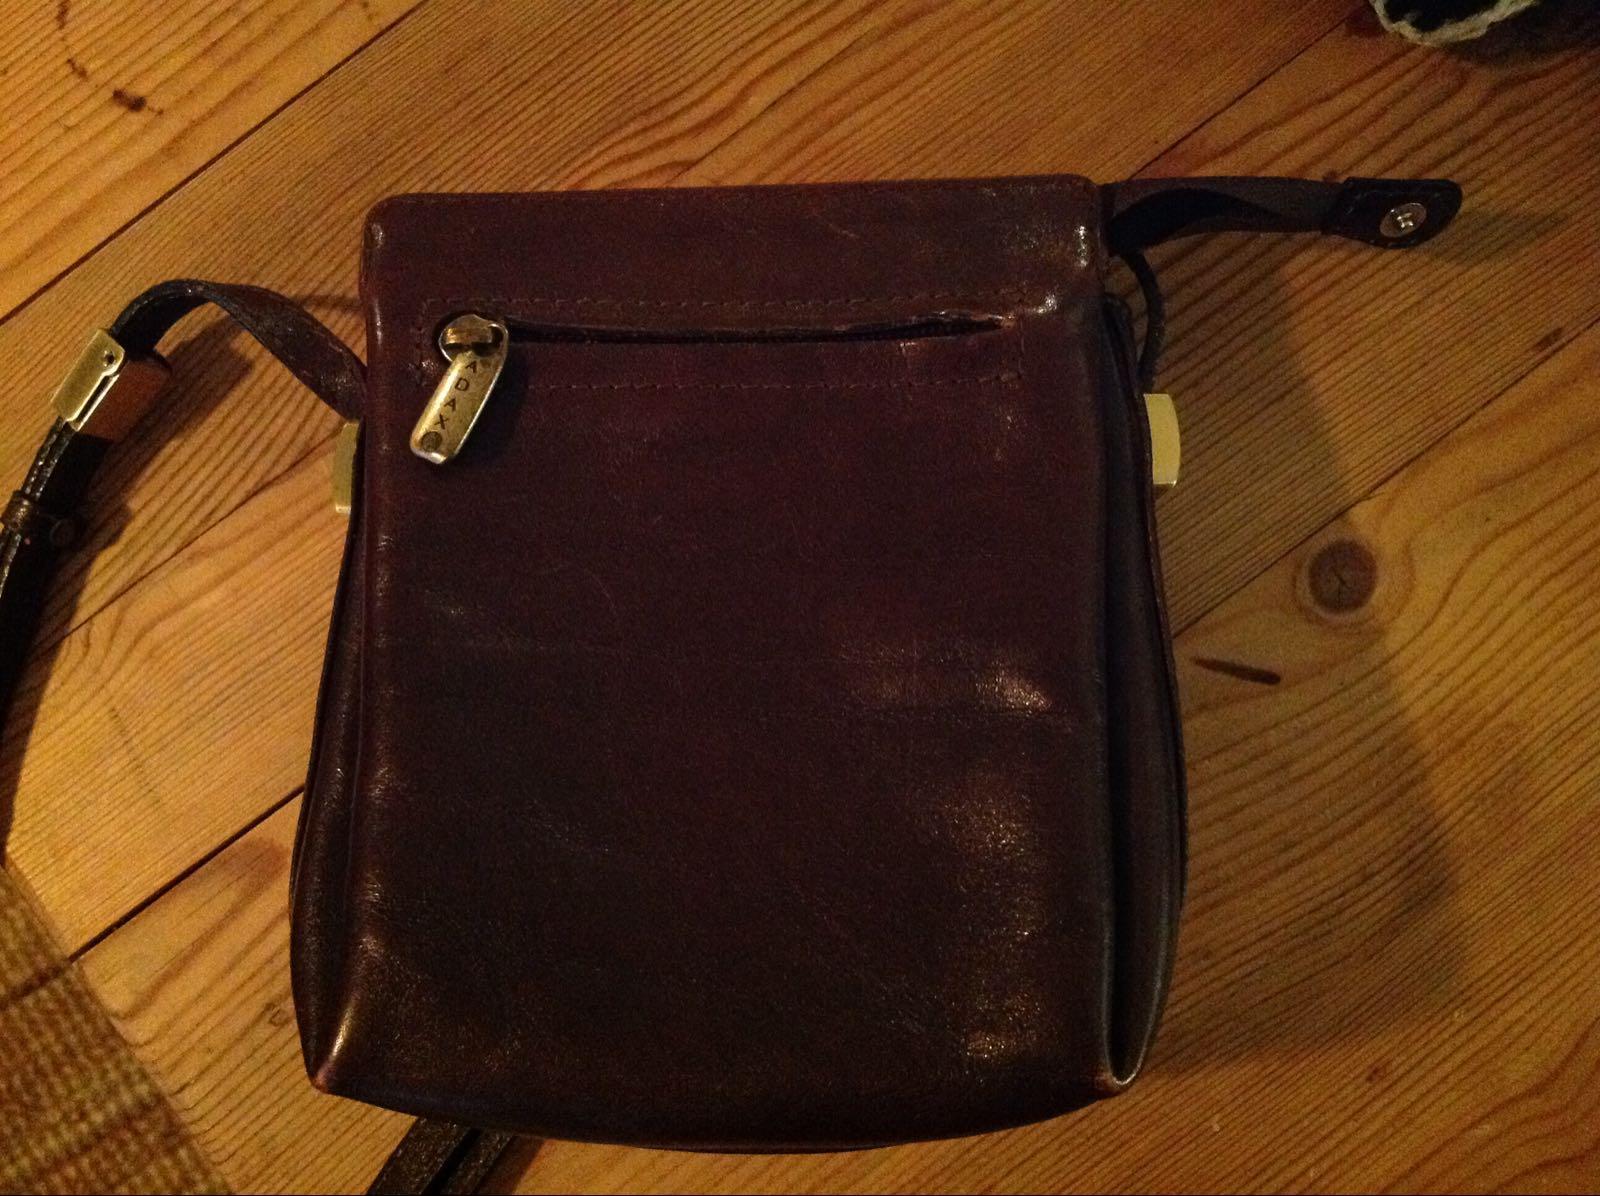 Väska Adax brun skinn (second hand)